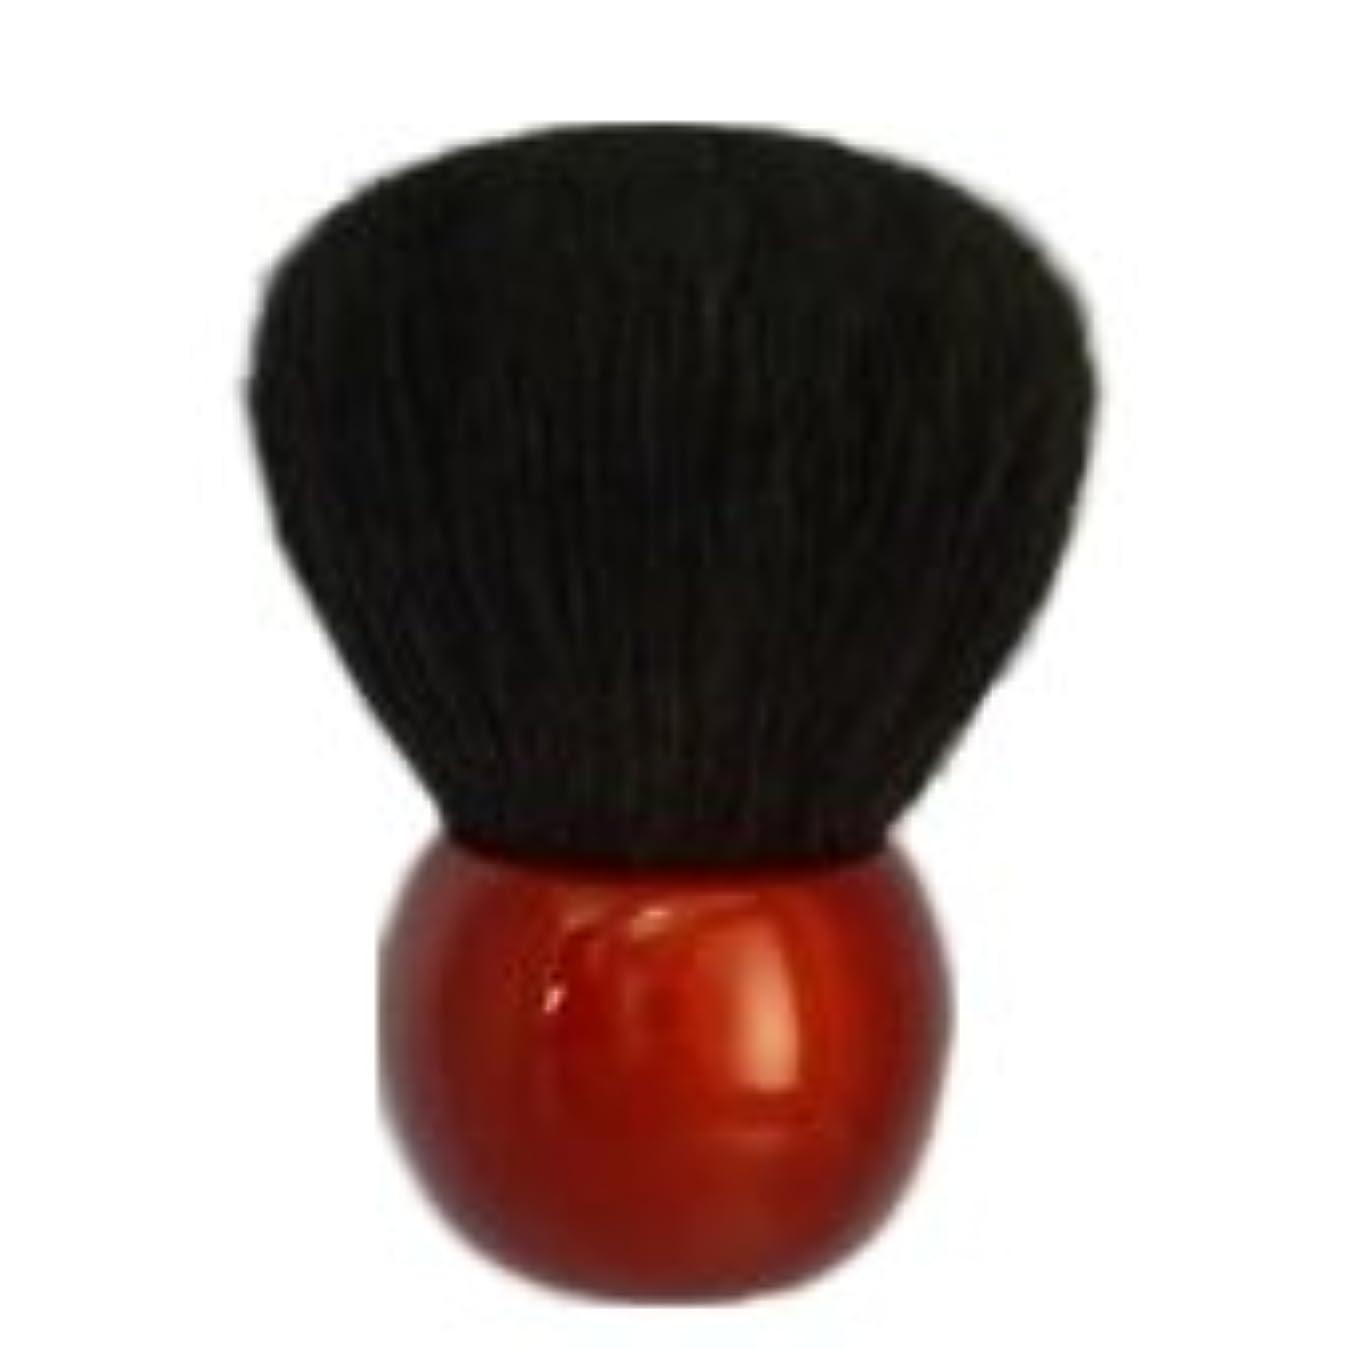 テープ不幸ガイダンスパウダーブラシ ダルマ  高級山羊 /熊野筆/宮尾産業化粧筆(メイクブラシ) MA-1